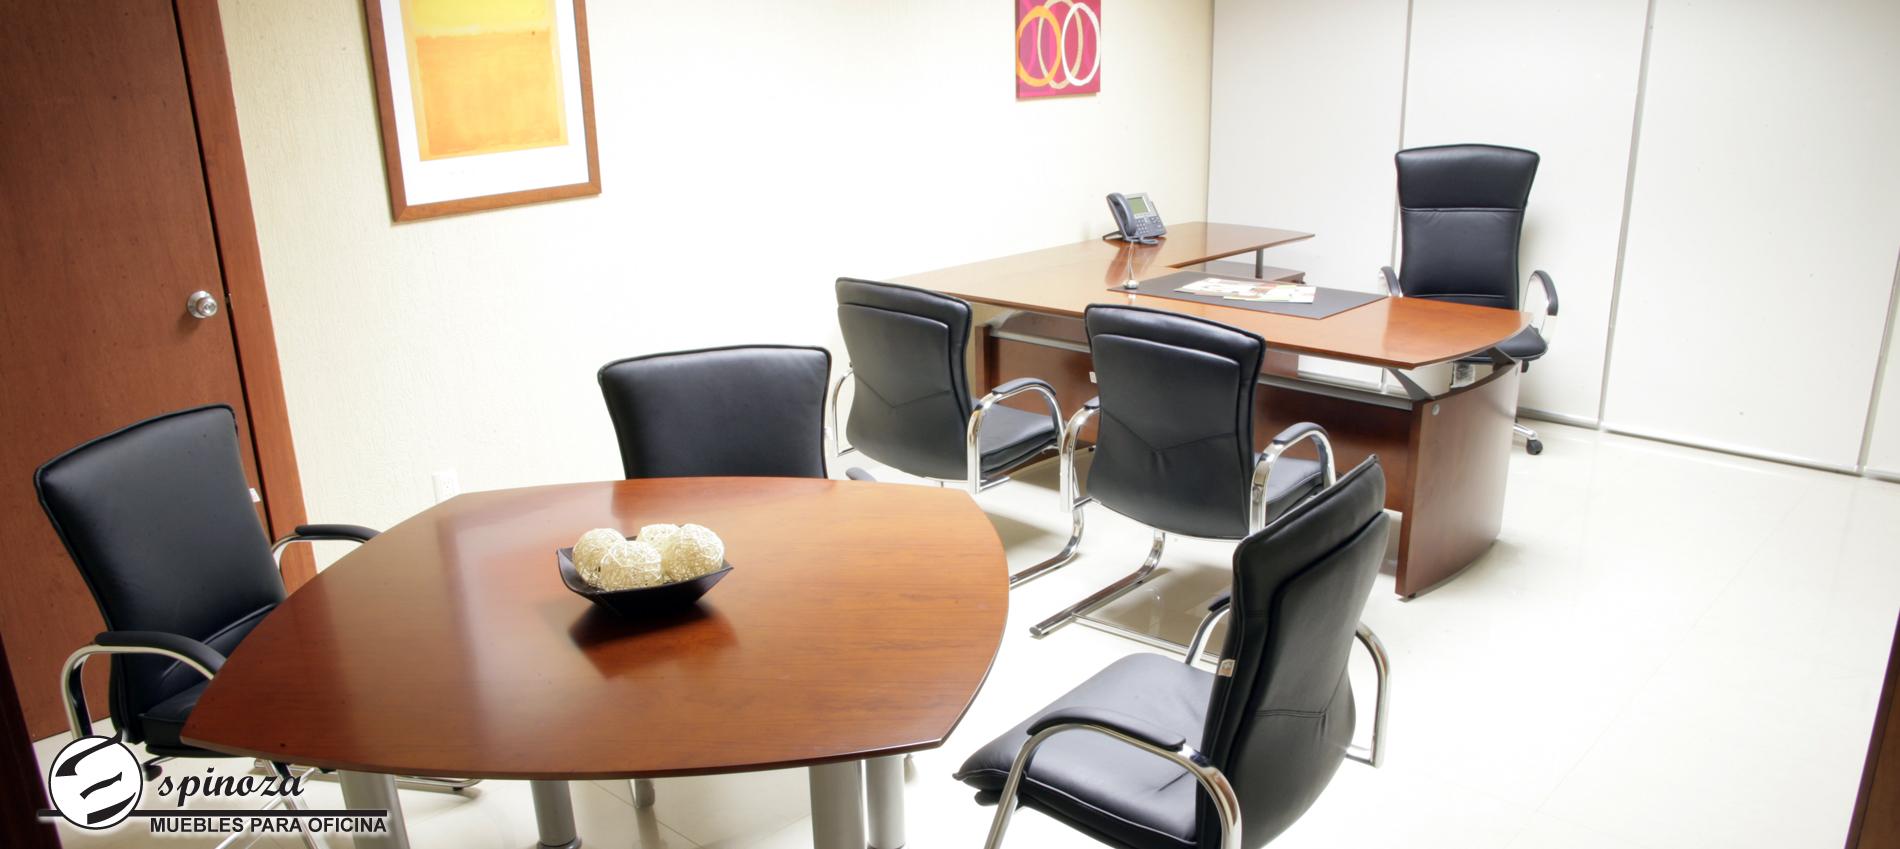 Inicio muebles para oficina for Empresas de muebles para oficina